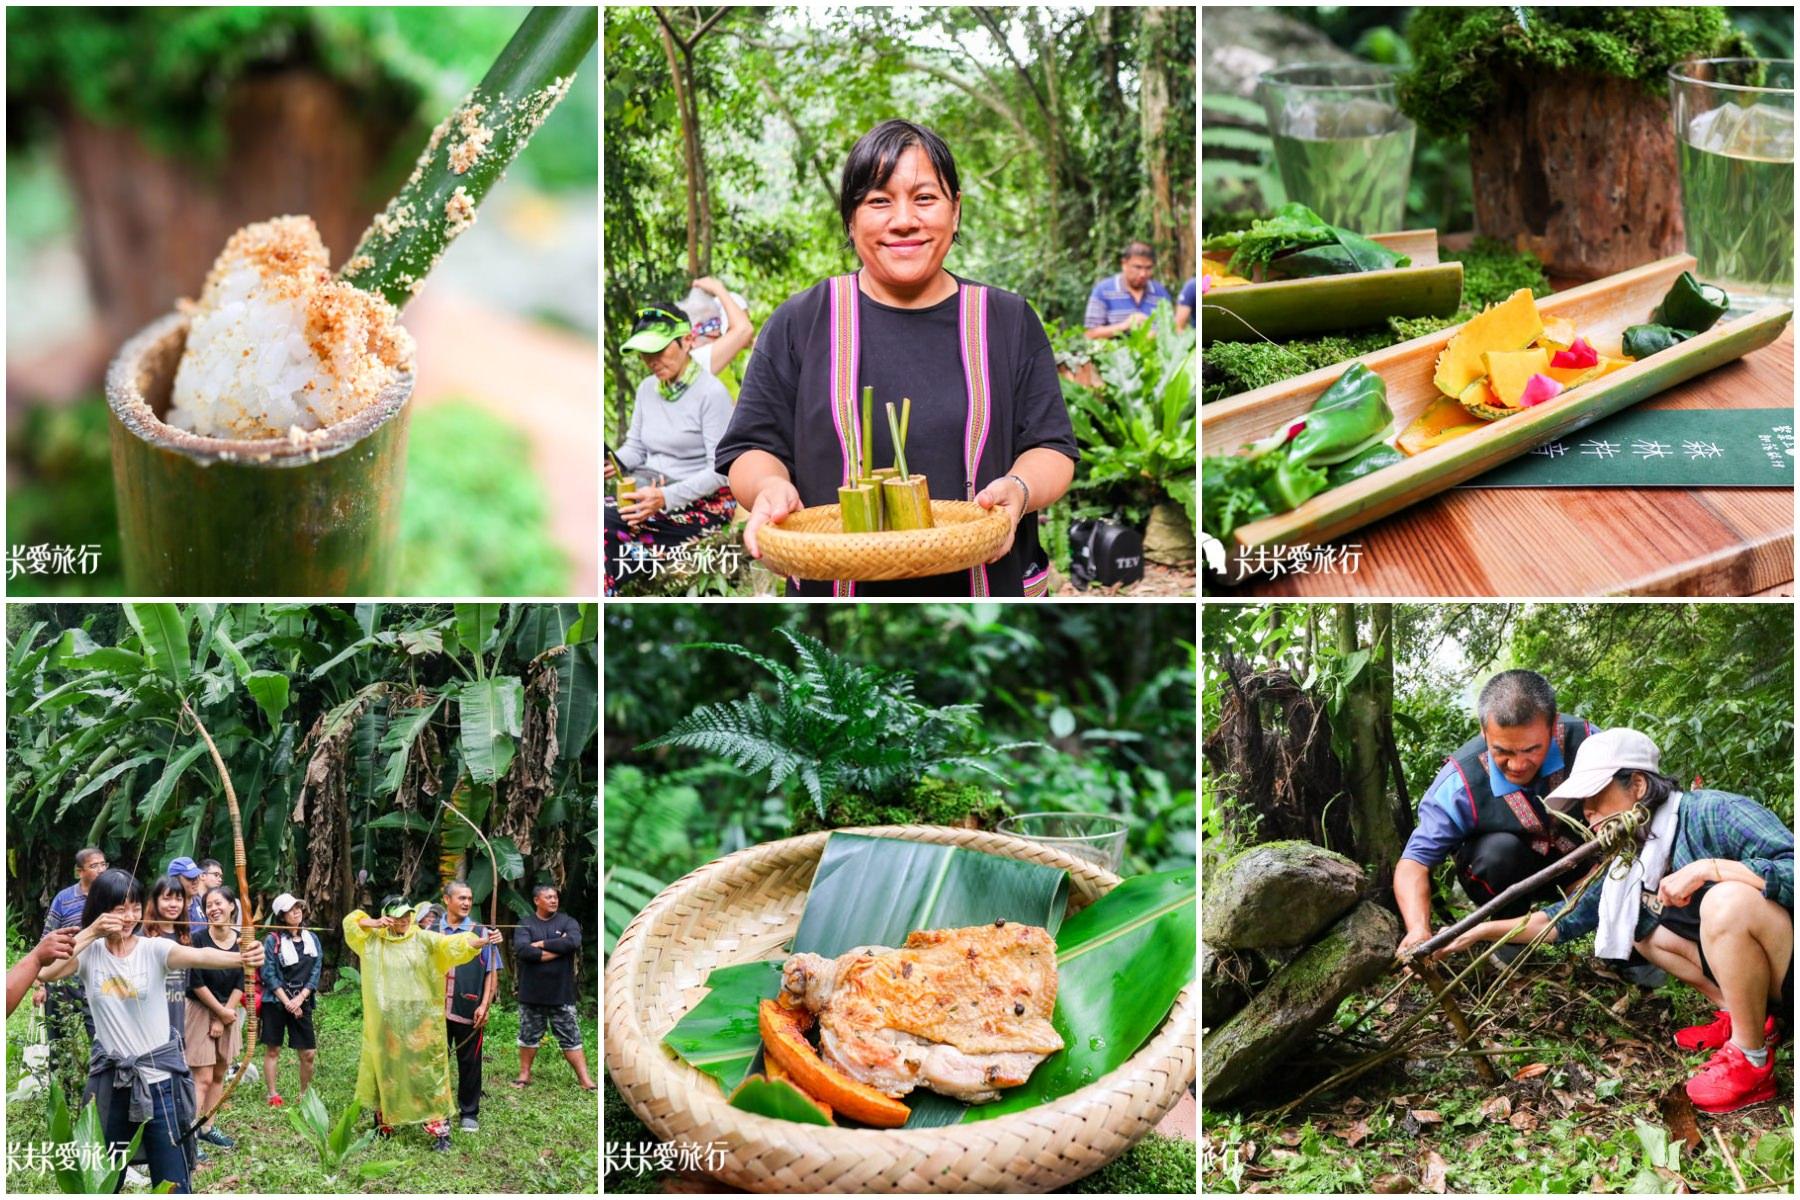 【花蓮部落體驗】縱谷原遊會-餐桌上的部落旅行|馬遠部落-森林杵音餐桌一日遊